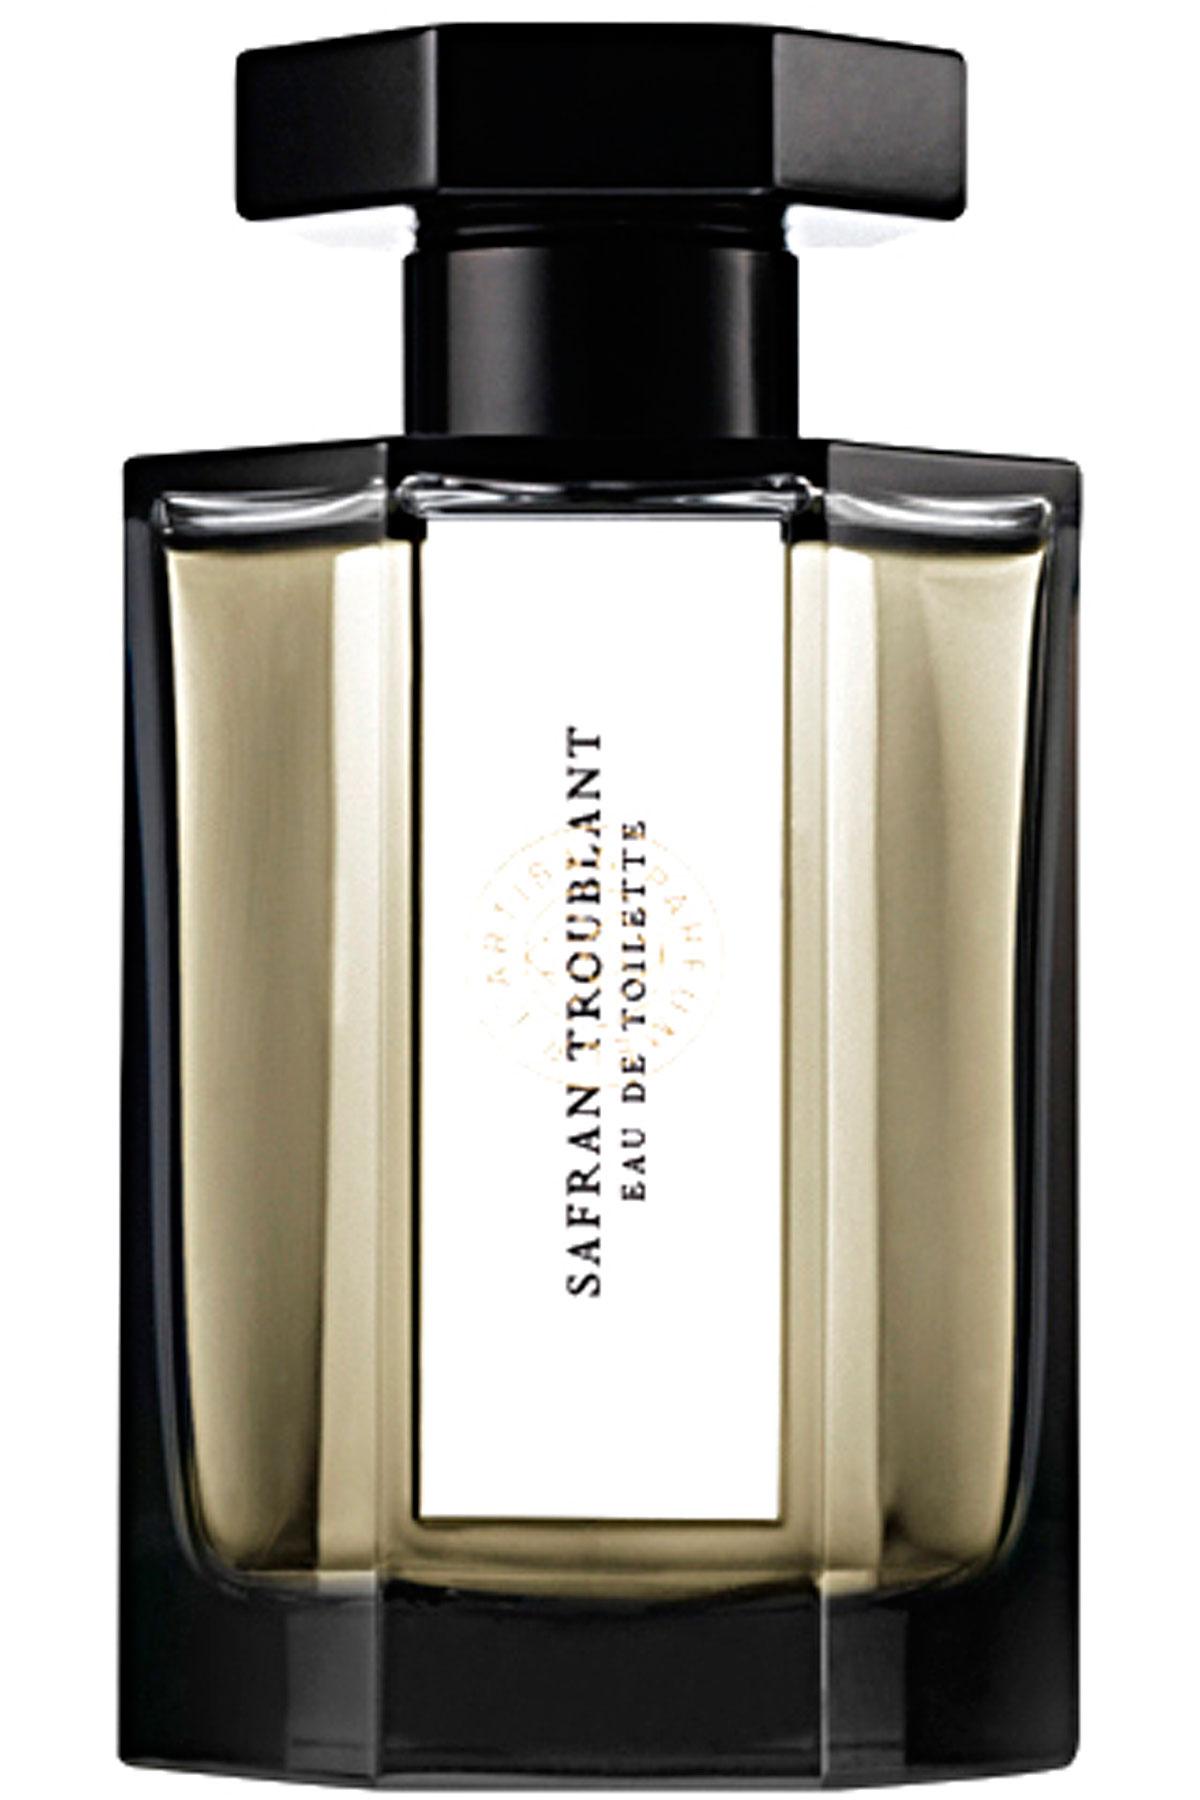 Artisan Parfumeur Fragrances for Men, Safran Troublant - Eau De Toilette - 100 Ml, 2019, 100 ml